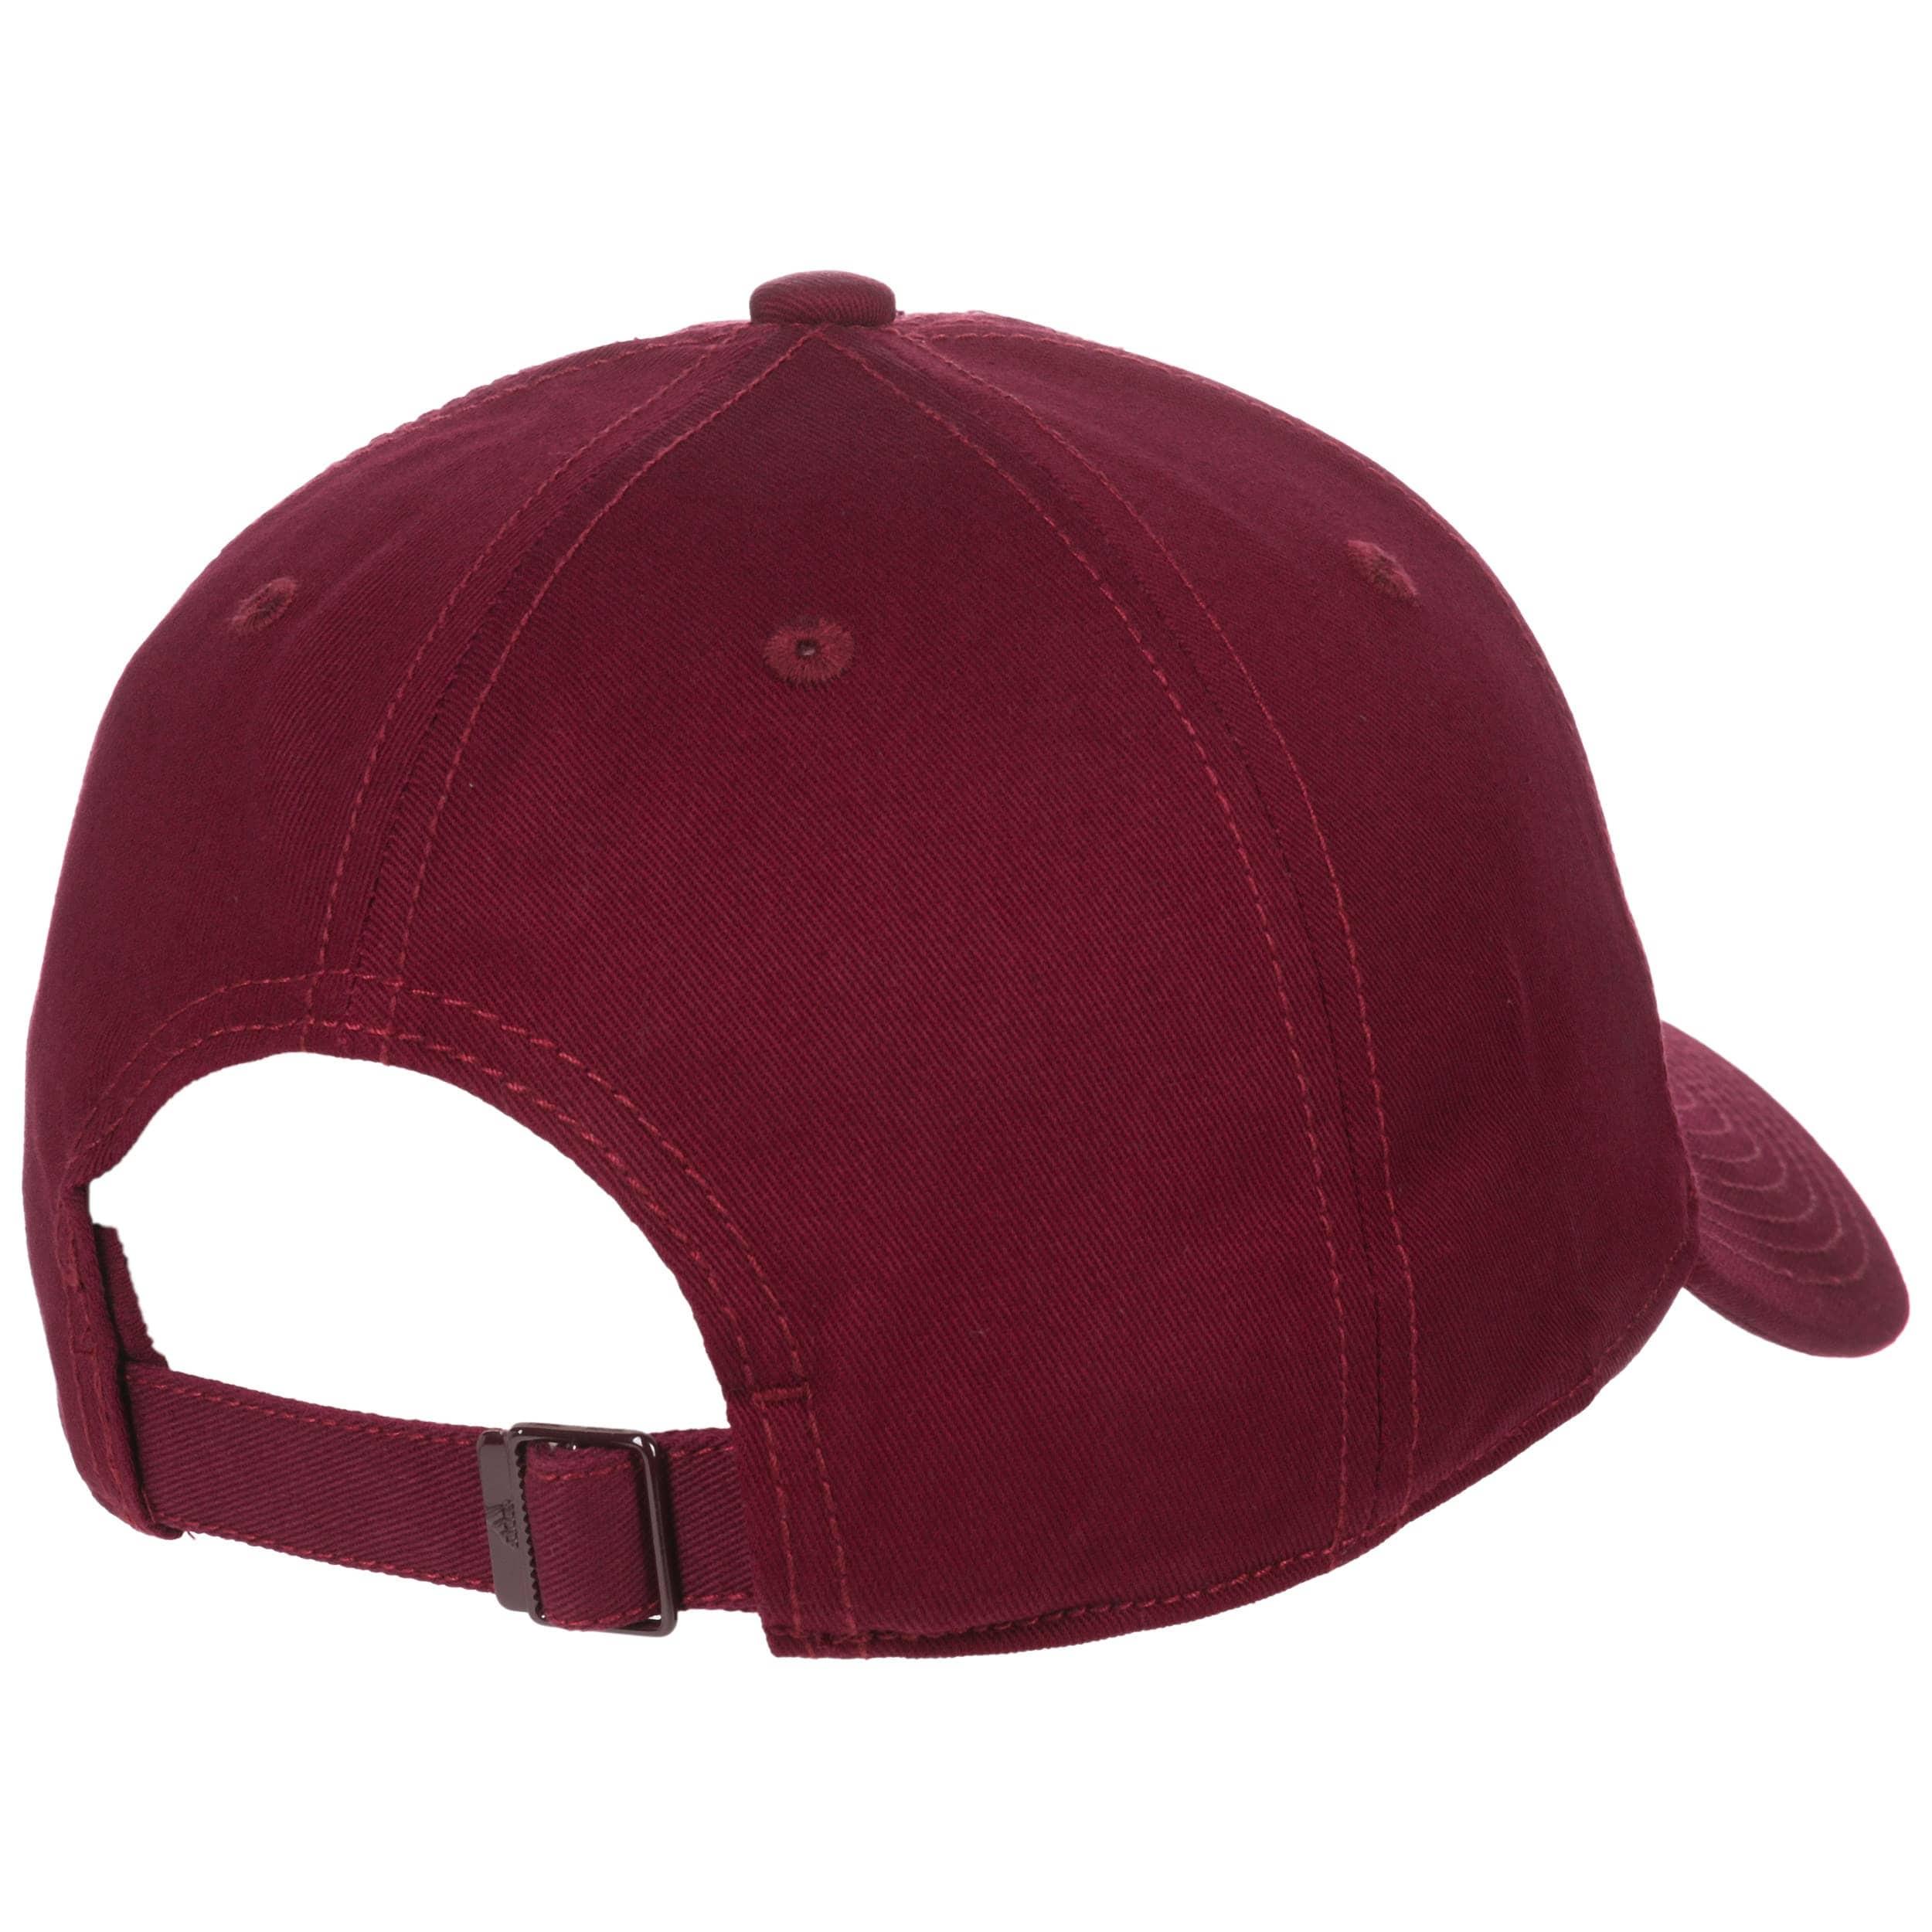 ... 6P Classic Cotton Snapback Cap by adidas - bordeaux 3 ... d5193abef10